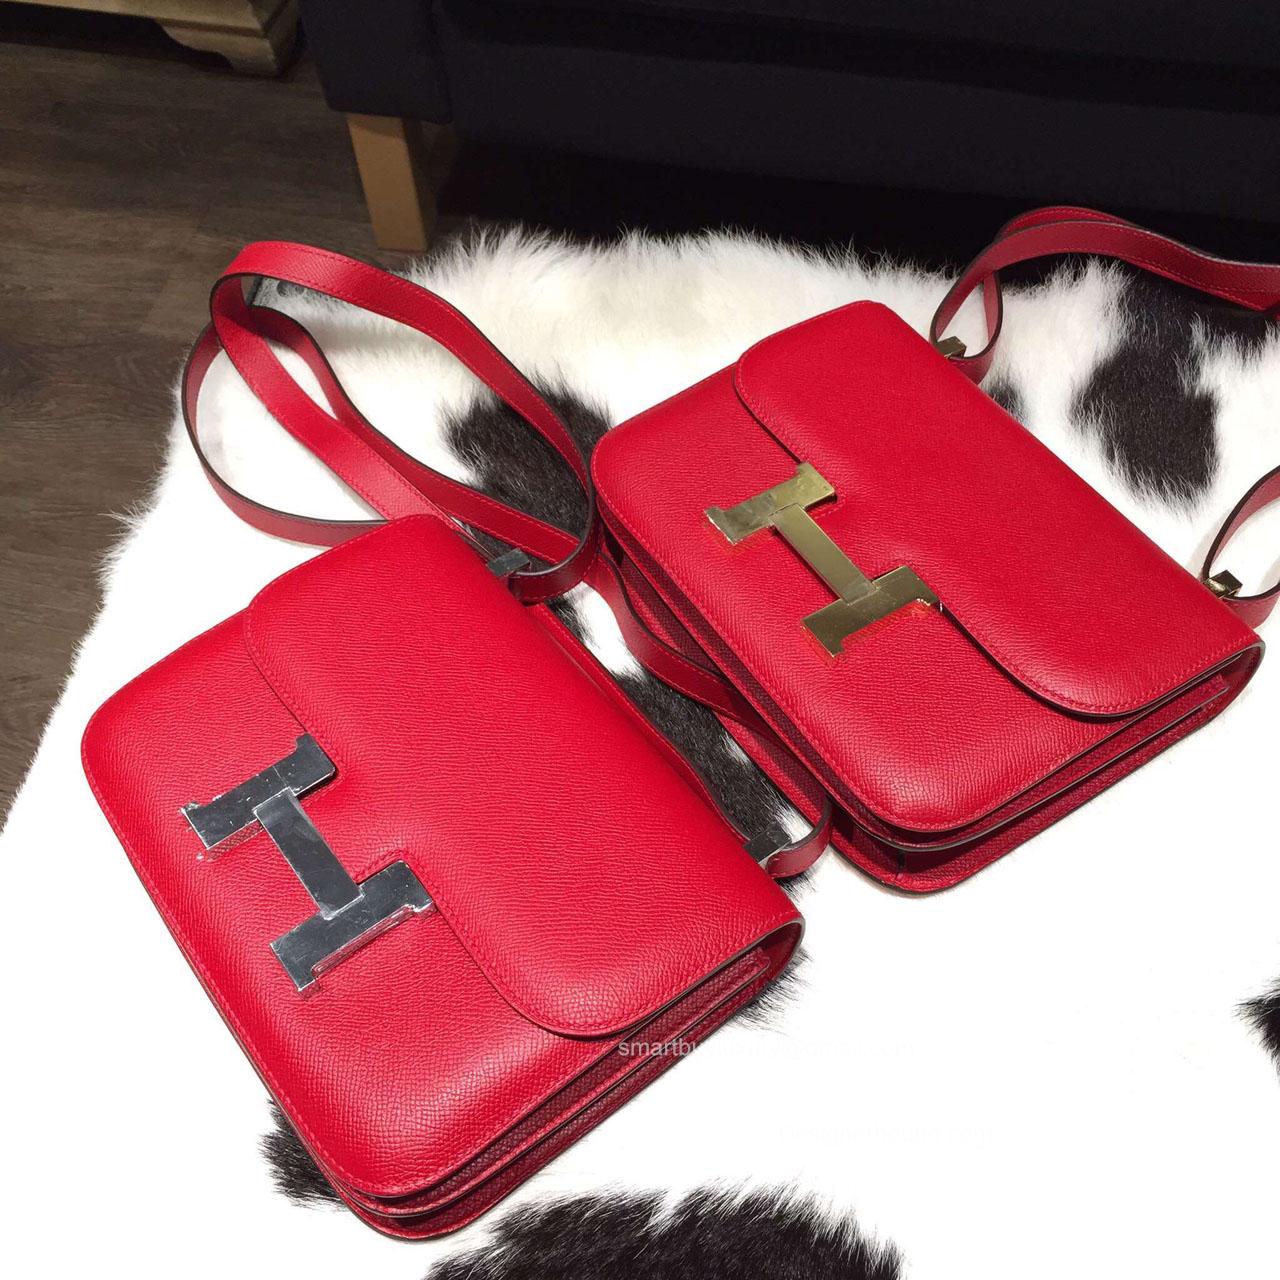 Hermes Constance 23 Bag Rouge Casaque Q5 Epsom Leather Handstitched -